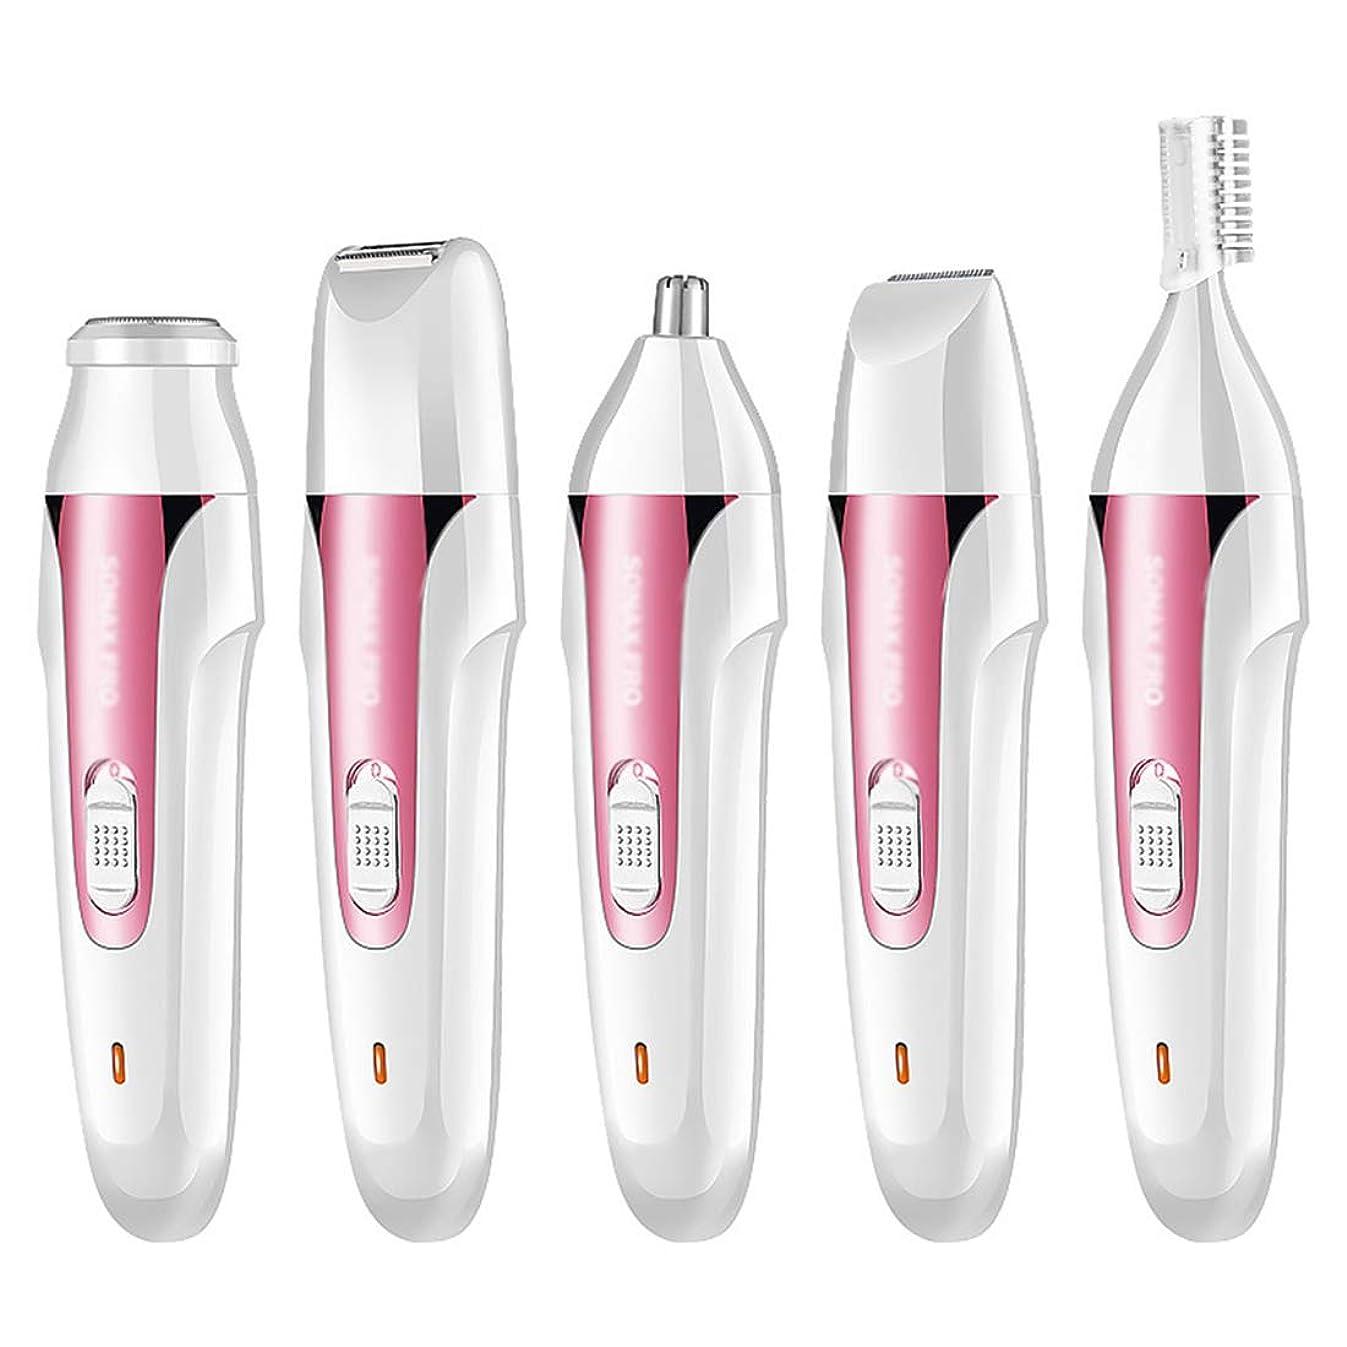 エンコミウムヨーグルトワックス多機能シェーバー充電式女性脱毛器具電気ヘアスクレーパー洗浄眉毛ナイフ,Pink